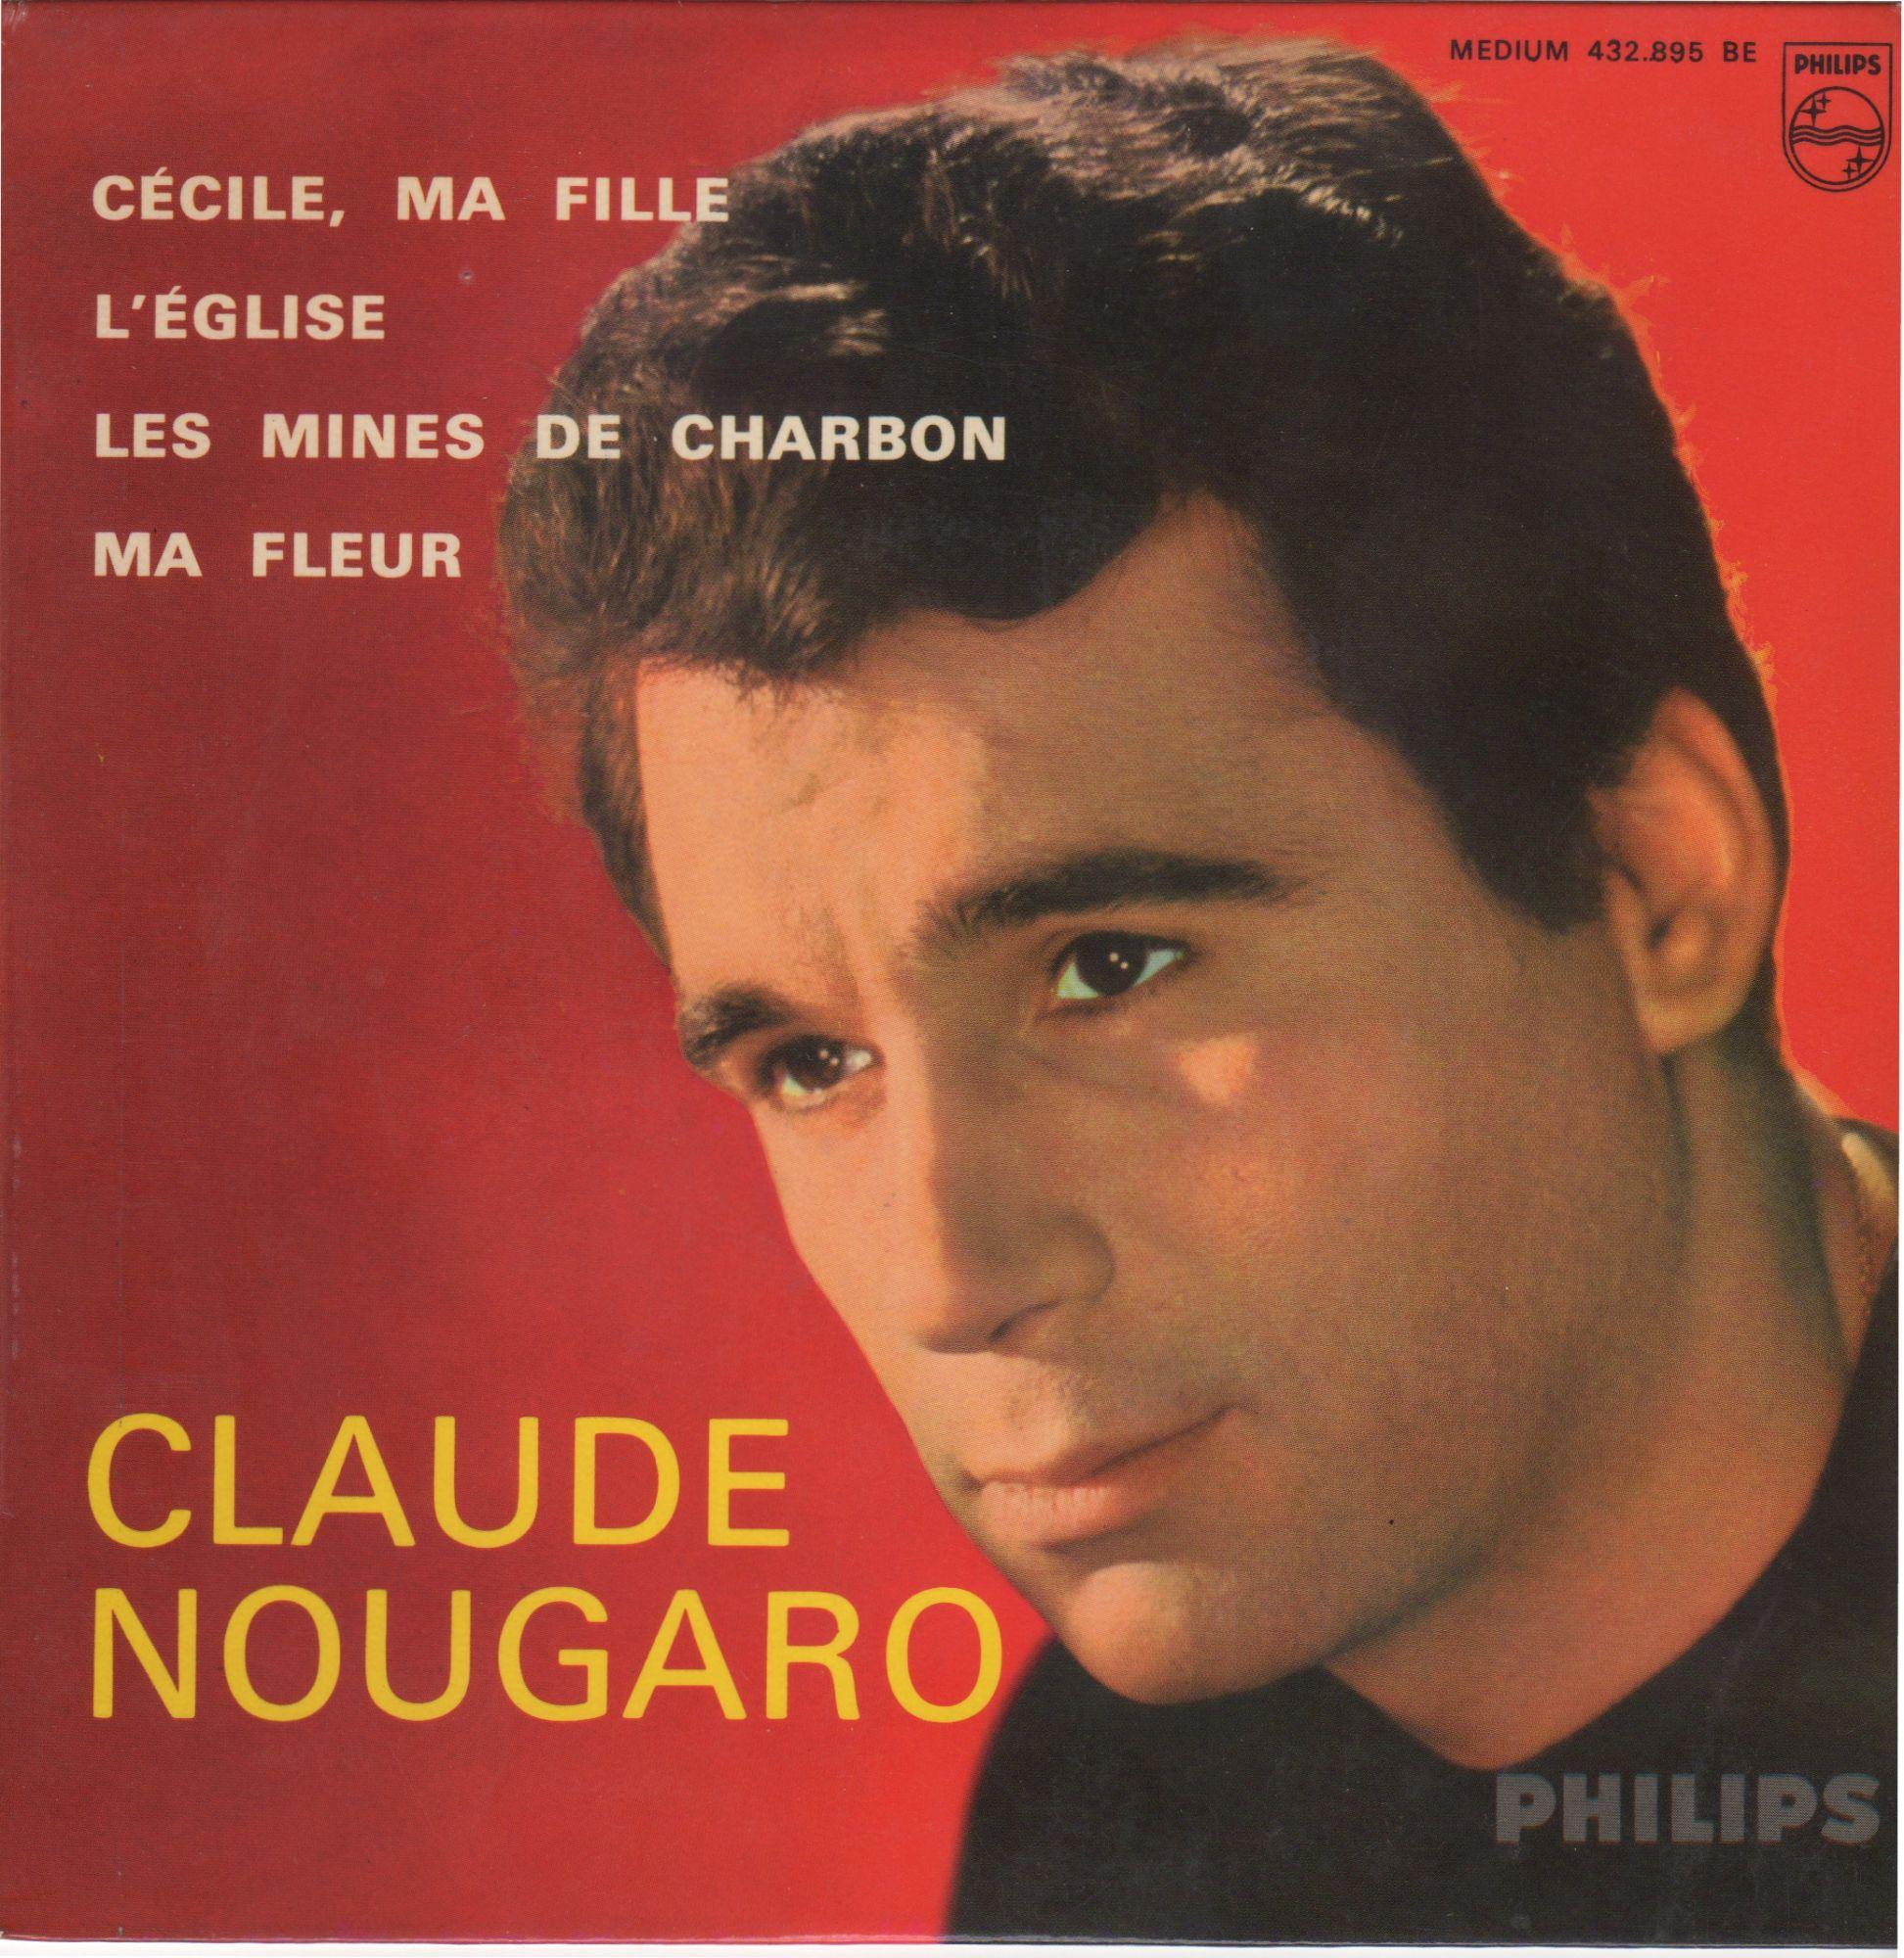 C�cile, Ma Fille - L'�glise / Les Mines De Charbon - Ma Fleur - Claude Nougaro